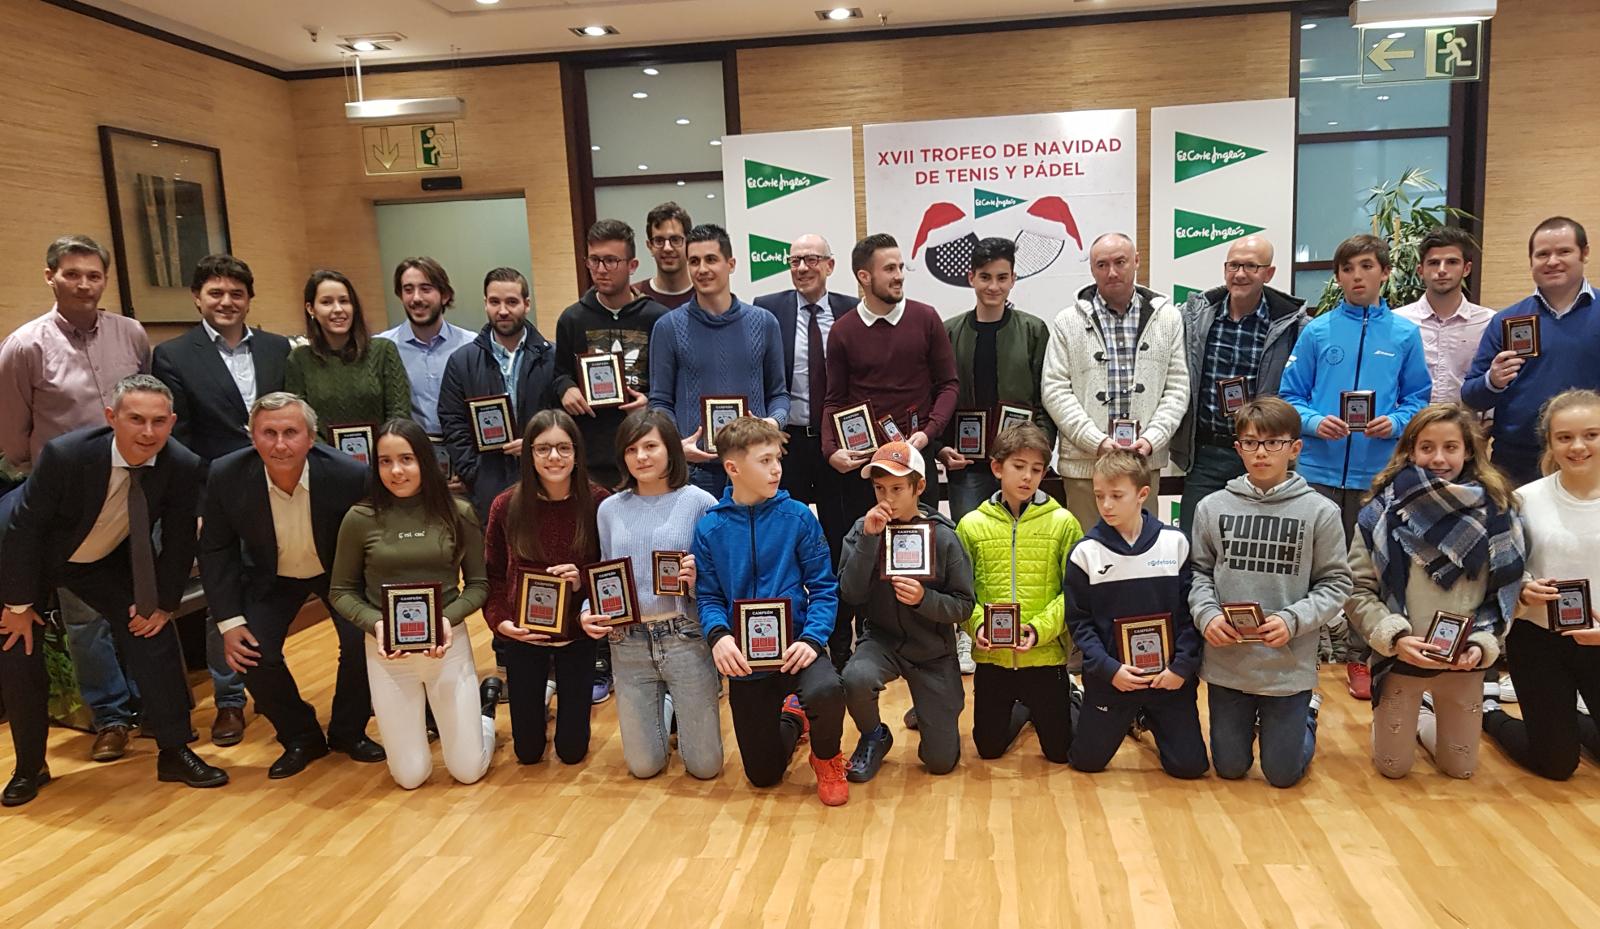 Trofeo de Navidad de El Corte Inglés 2018